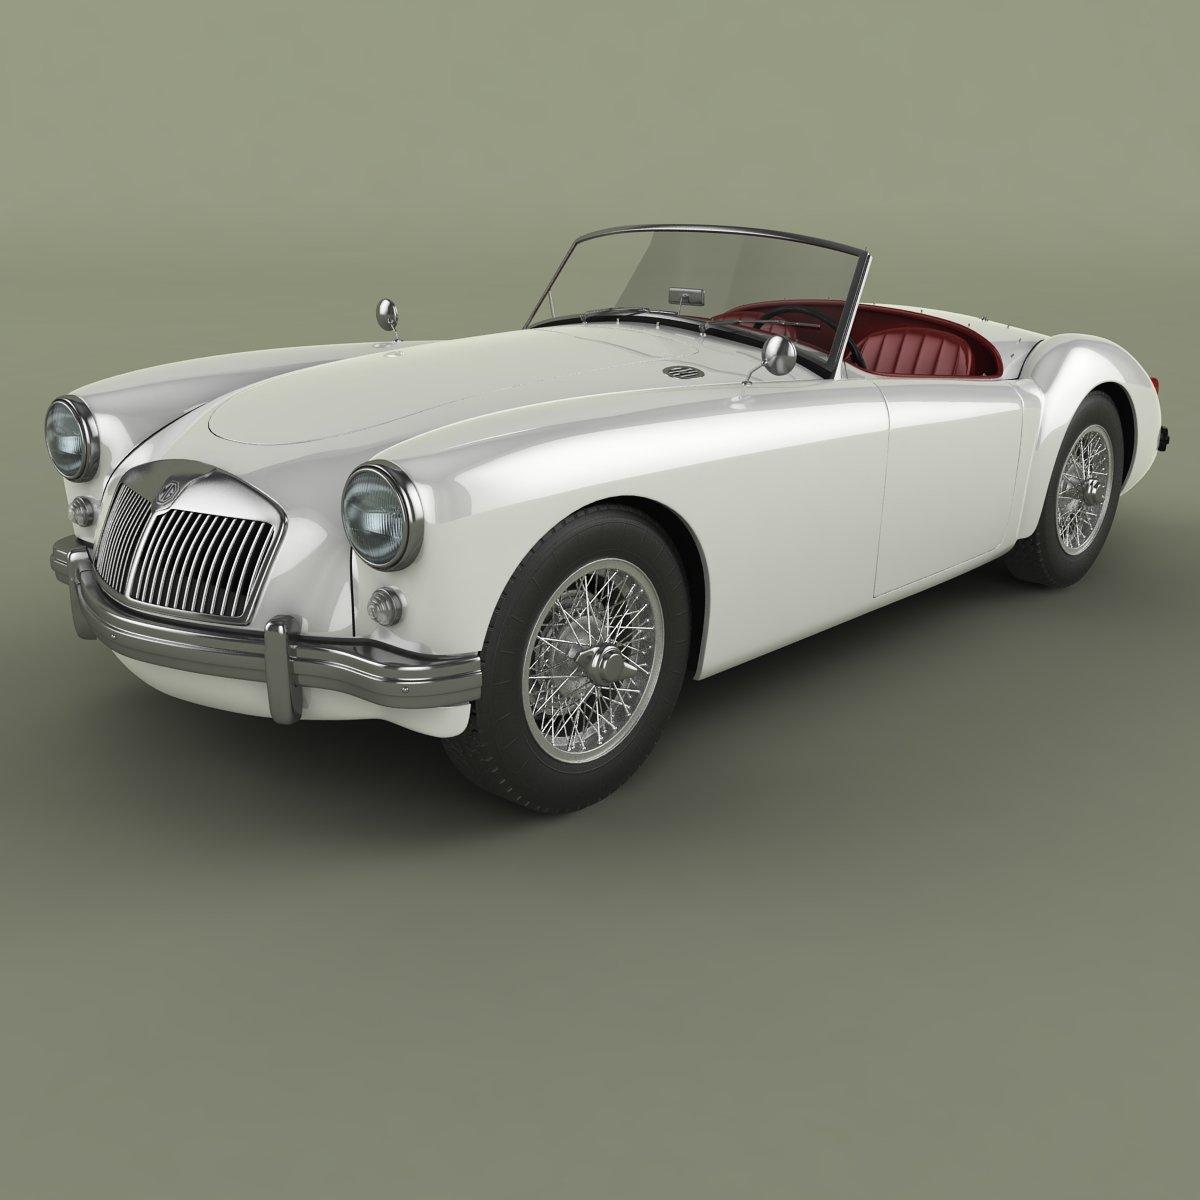 Mg Mga 3d Model In Classic Cars 3dexport